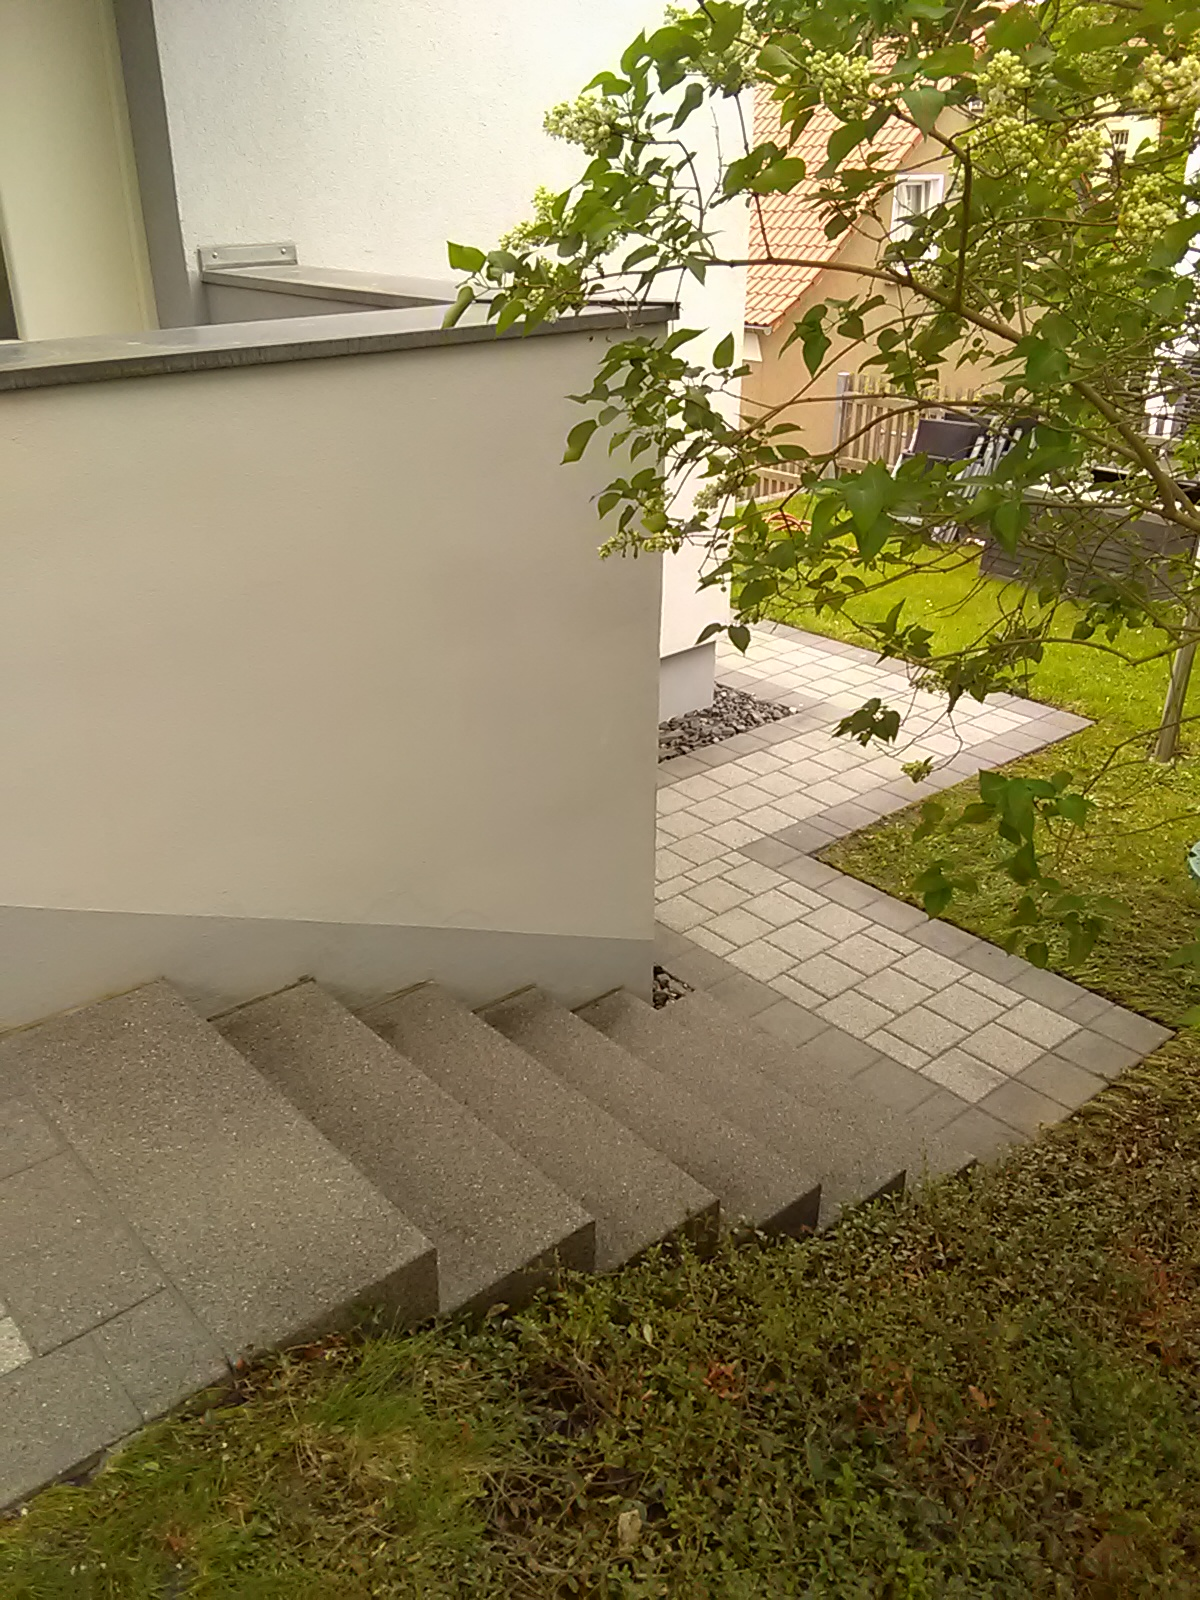 Der Weg um das Haus mit Höhenunterschieden auf dem Grundstück sieht aus wie neugemacht: Die alten Treppenstufen und Pflastersteine haben ihren ursprünglichen Farbton wieder erlangt.